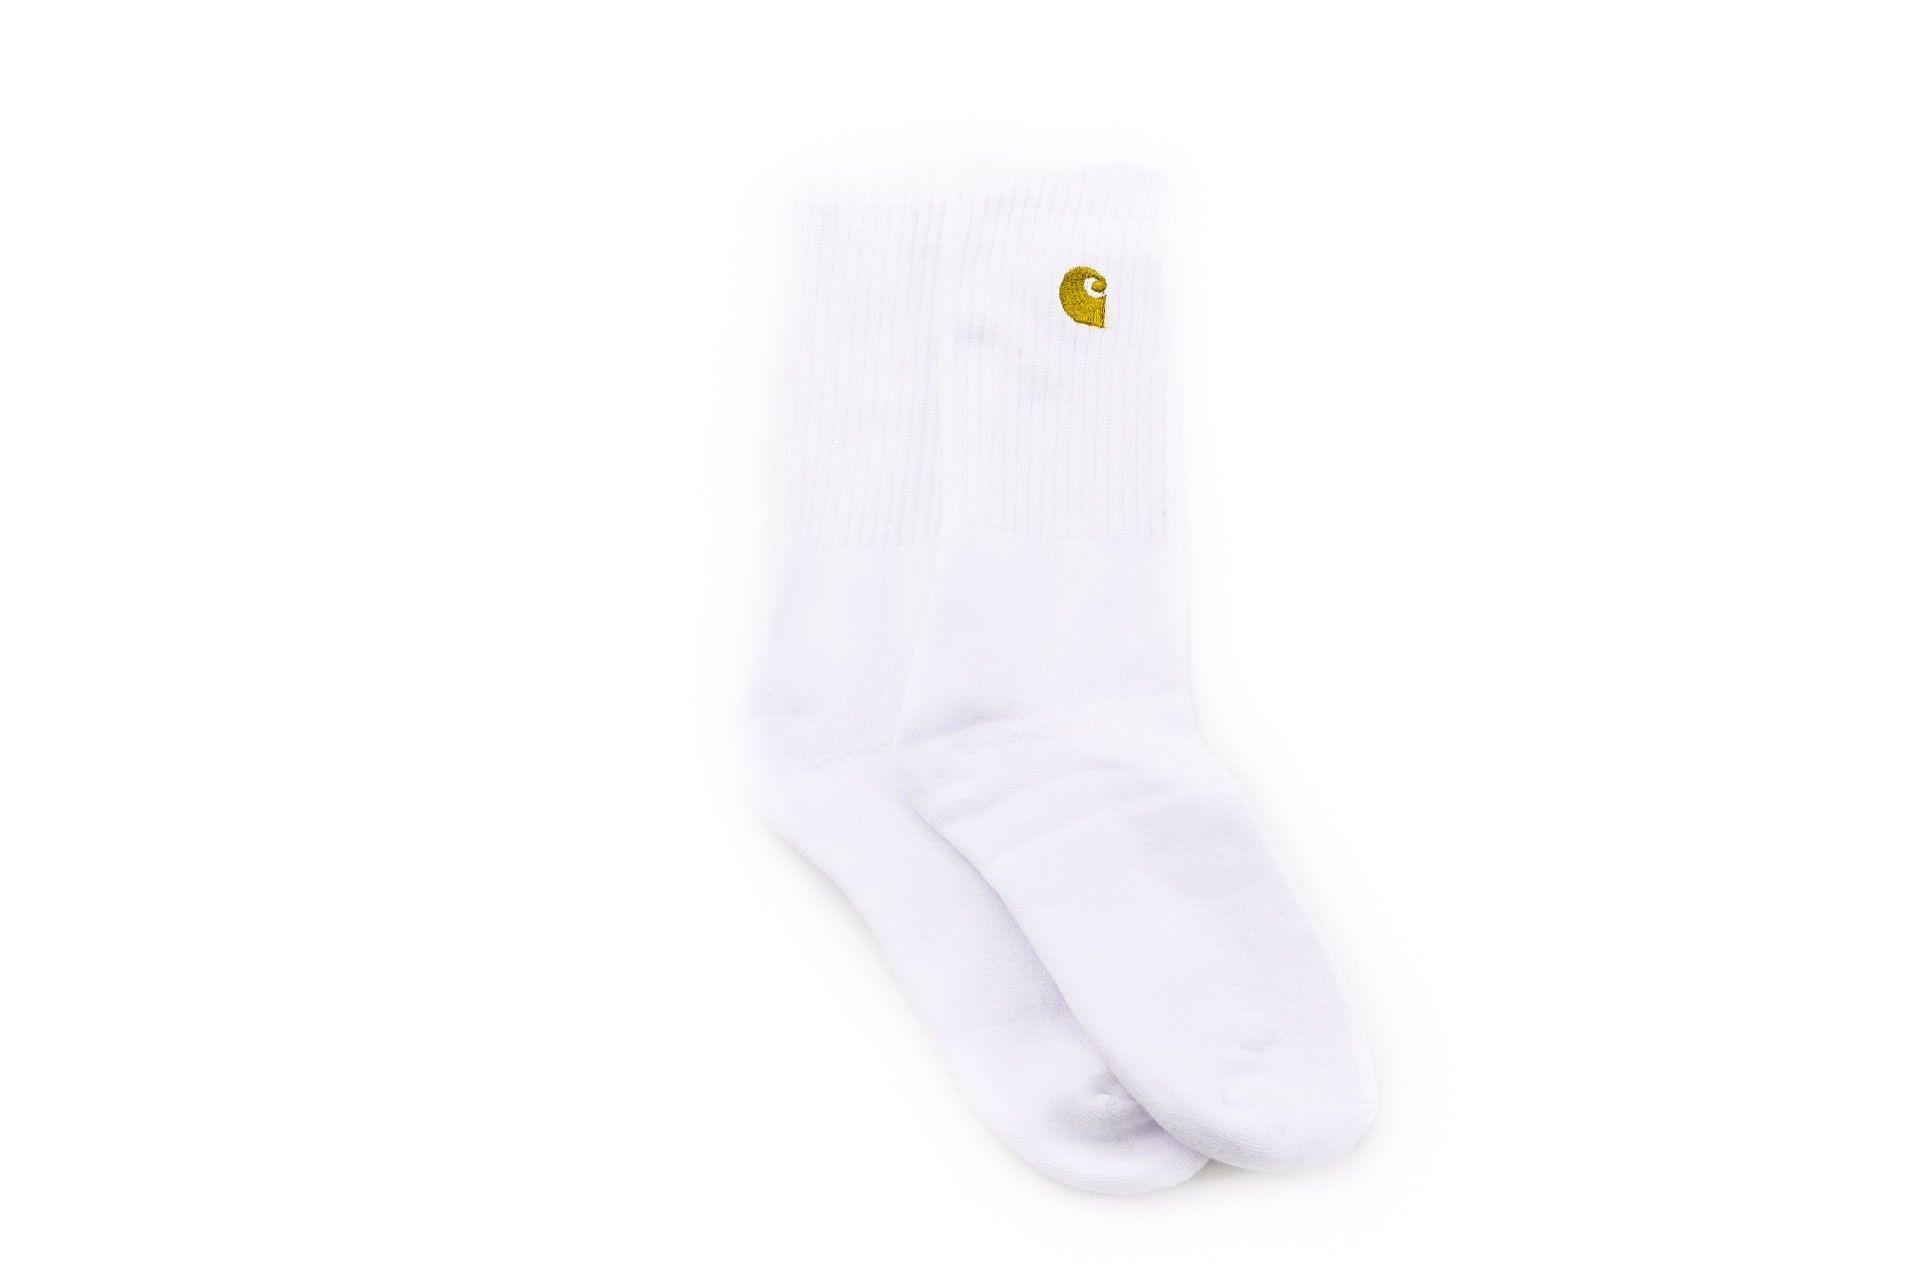 Afbeelding van Carhartt Wip Chase Socks I026527 Sokken White / Gold